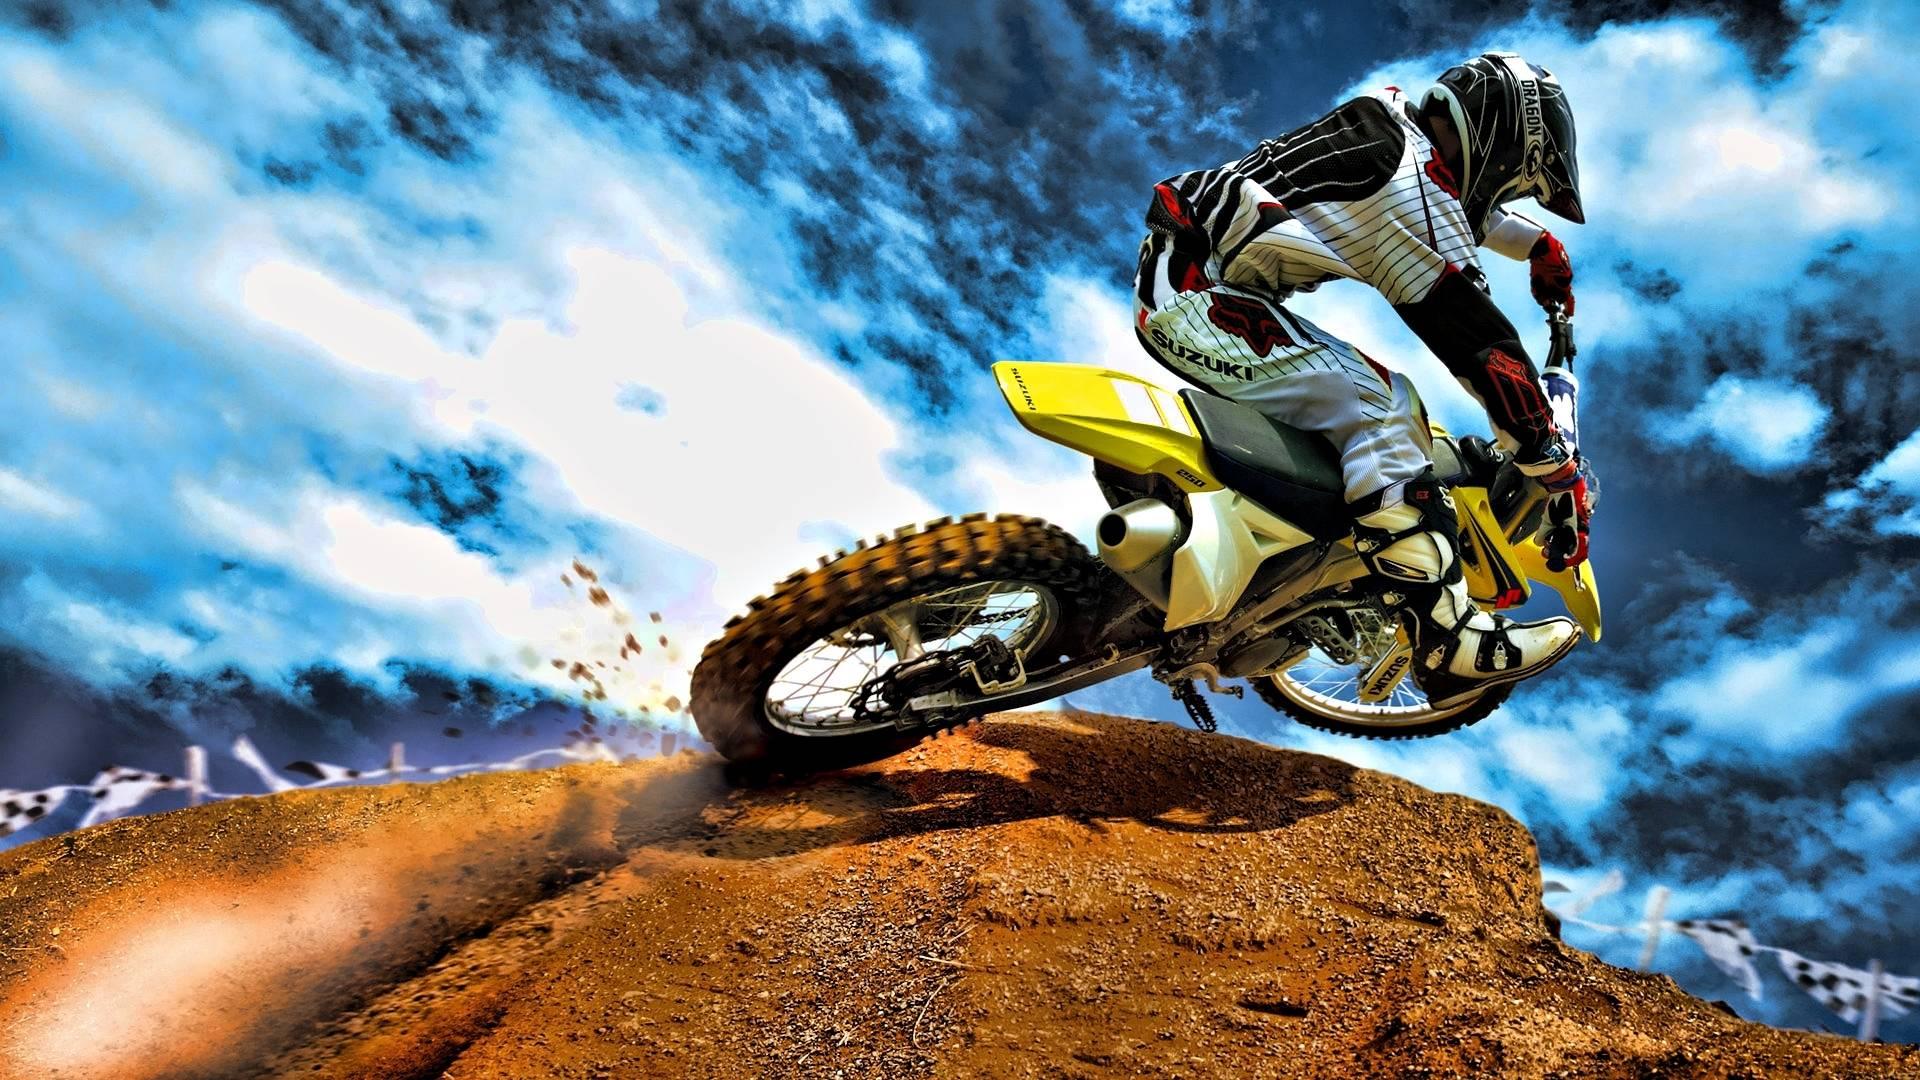 stunt bike hd wallpaper